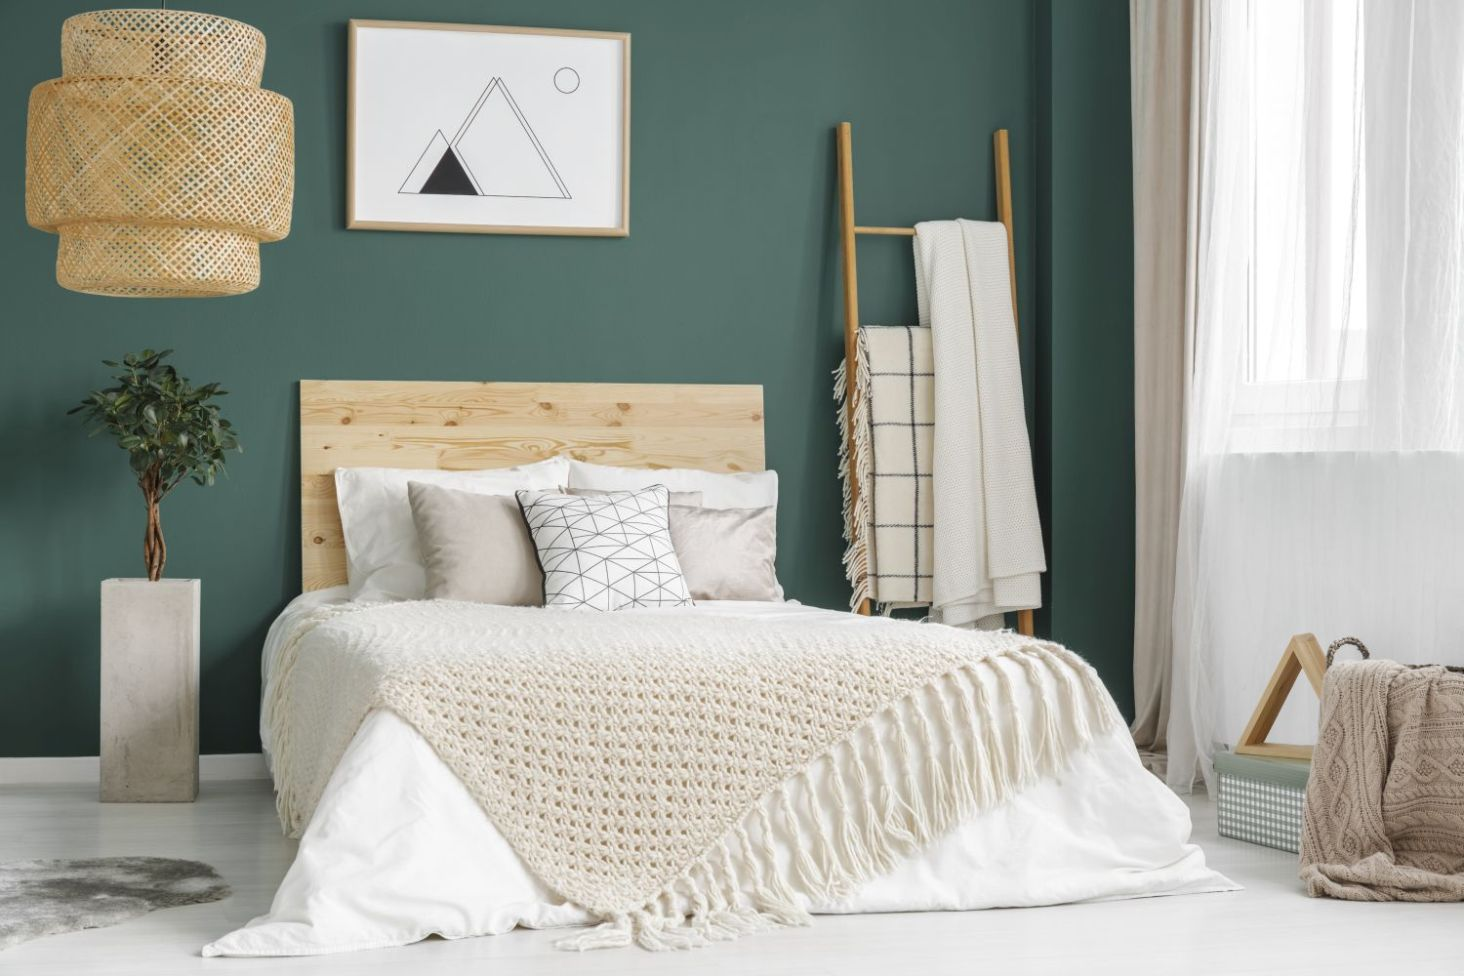 Jak Urządzić Zieloną Sypialnię Wnętrza Ze Smakiem